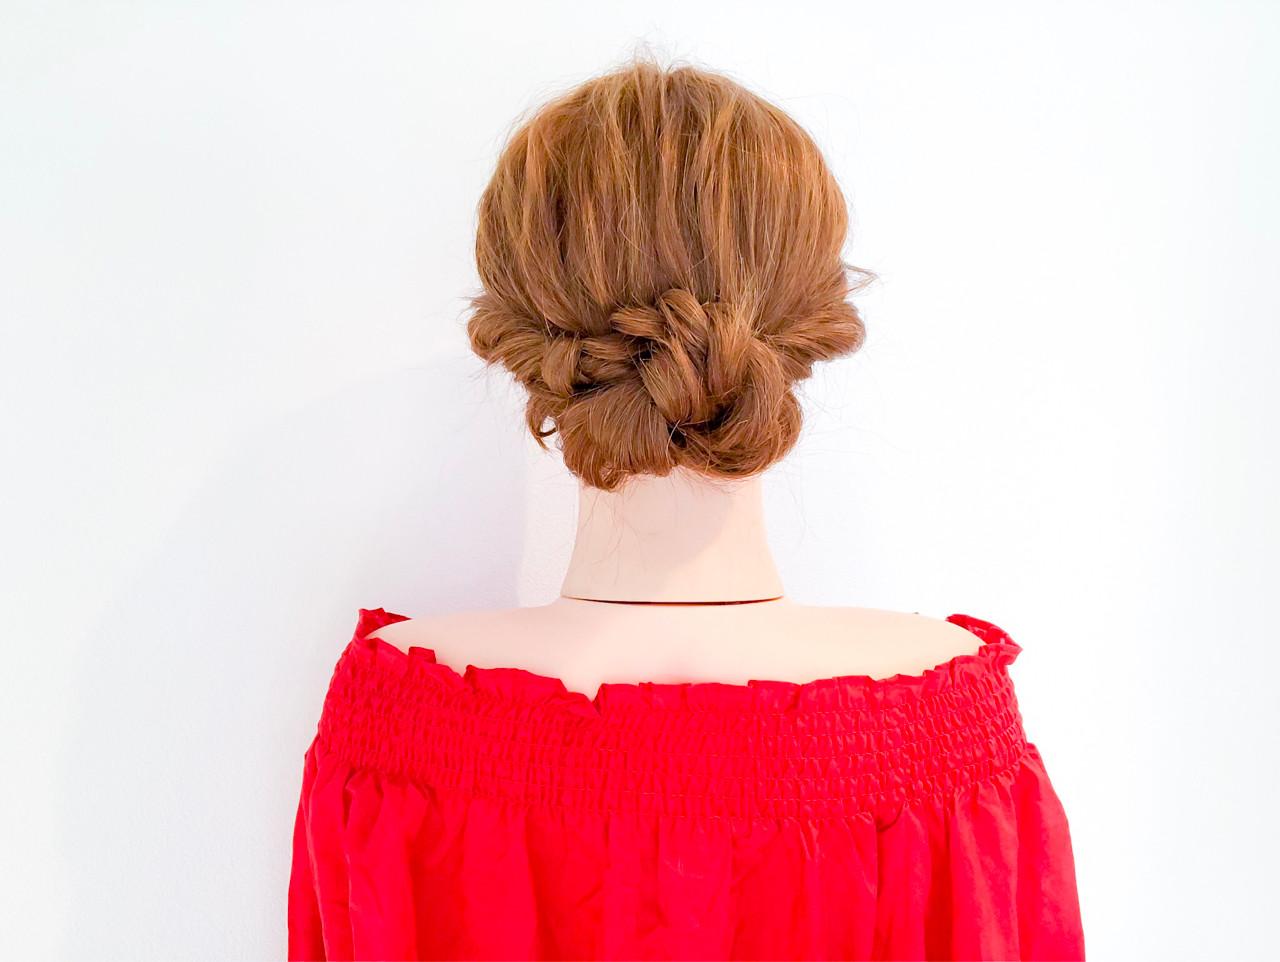 アウトドア デート オフィス ヘアアレンジ ヘアスタイルや髪型の写真・画像 | 美容師HIRO/Amoute代表 / Amoute/アムティ